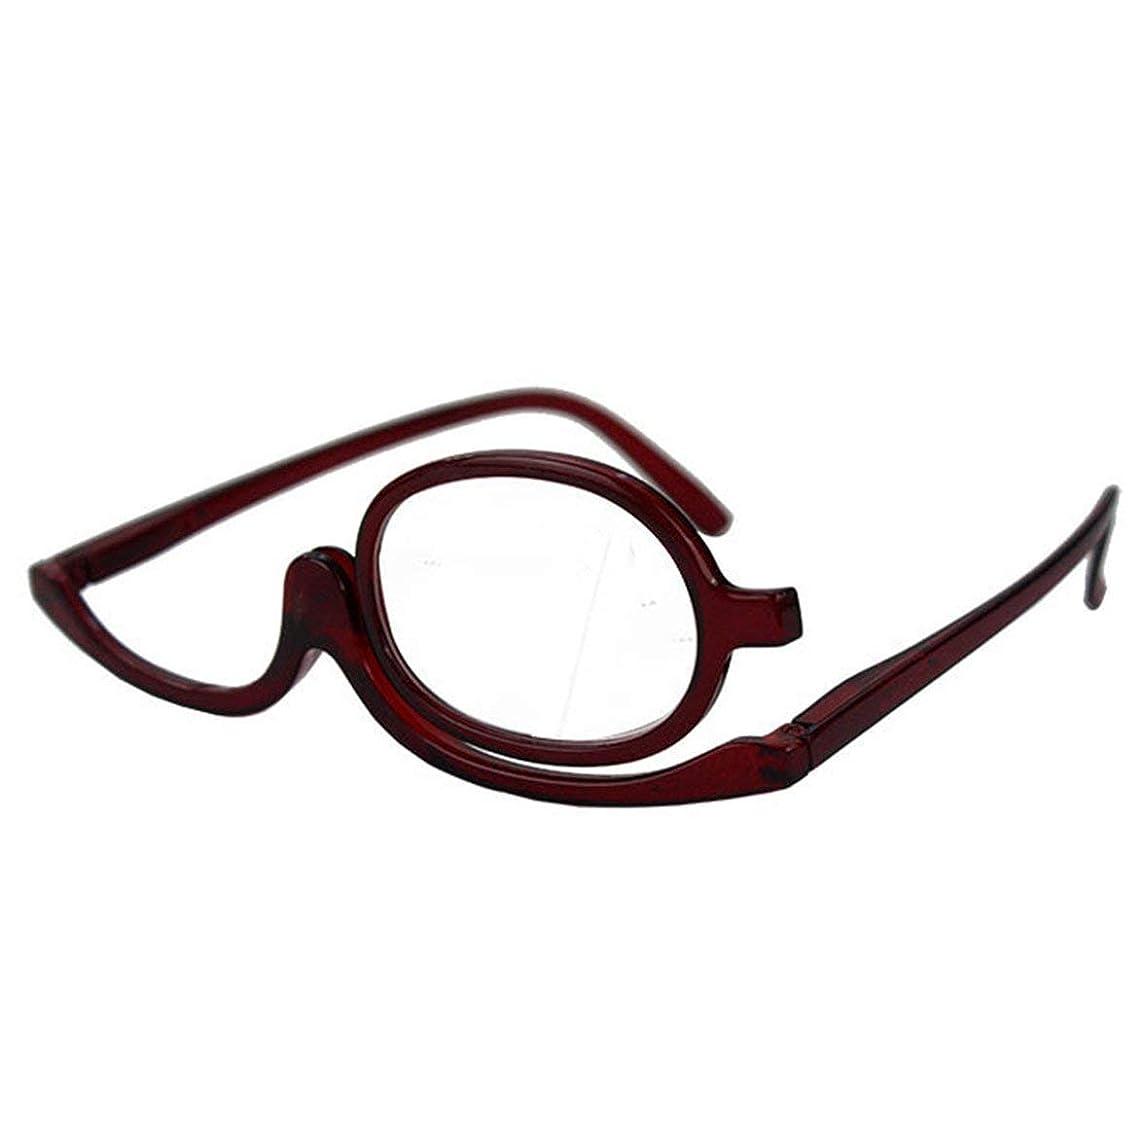 テンポ地平線余分な創造的な回転折りたたみ老眼鏡女性の古い化粧眼鏡老眼鏡400度-ワインレッドフレーム